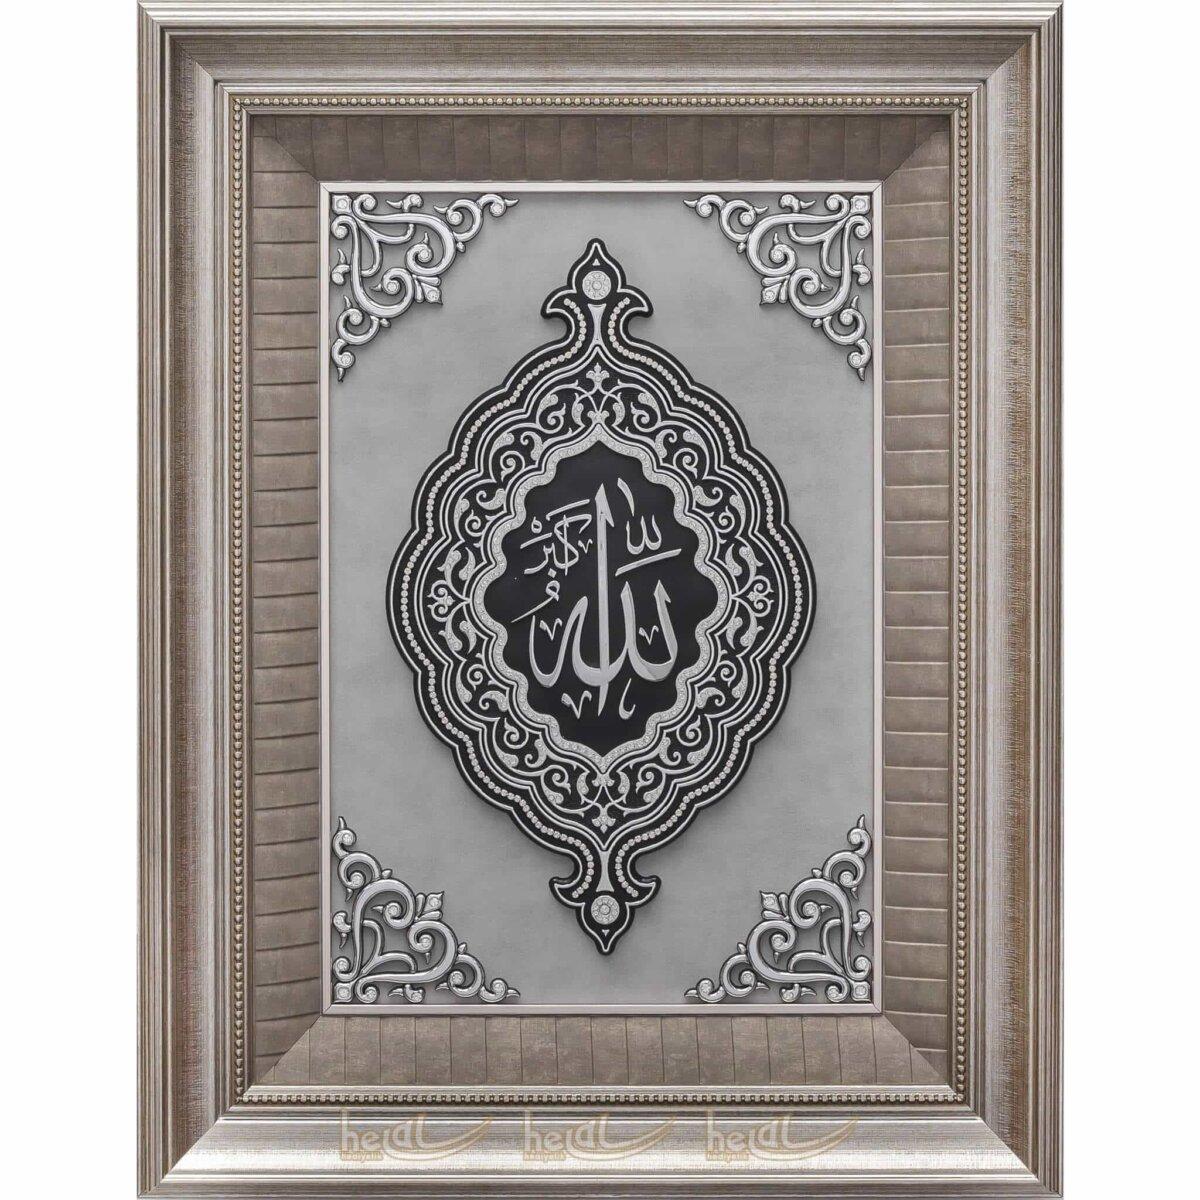 54x70cm Hat Yazısı İsmi Celil-Allah cc. Lafzı Selçuklu Modeli Büyük Çerçeve Tablo Ayetli Tablolar